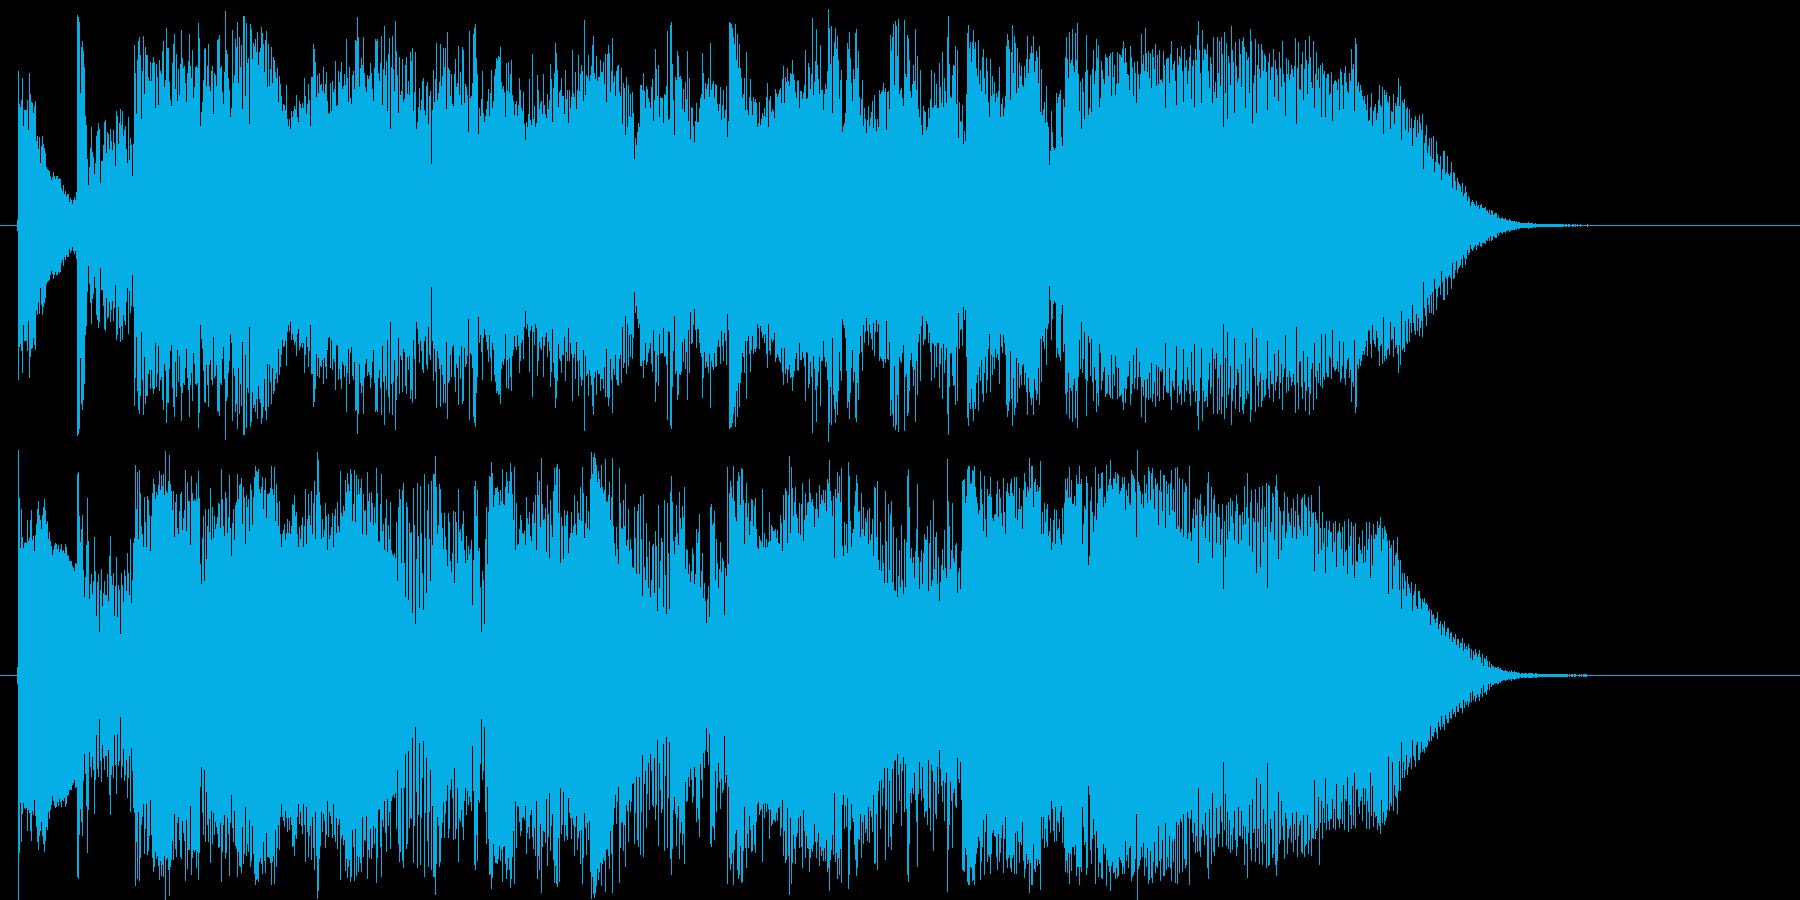 緊張感のある力強いロックの再生済みの波形